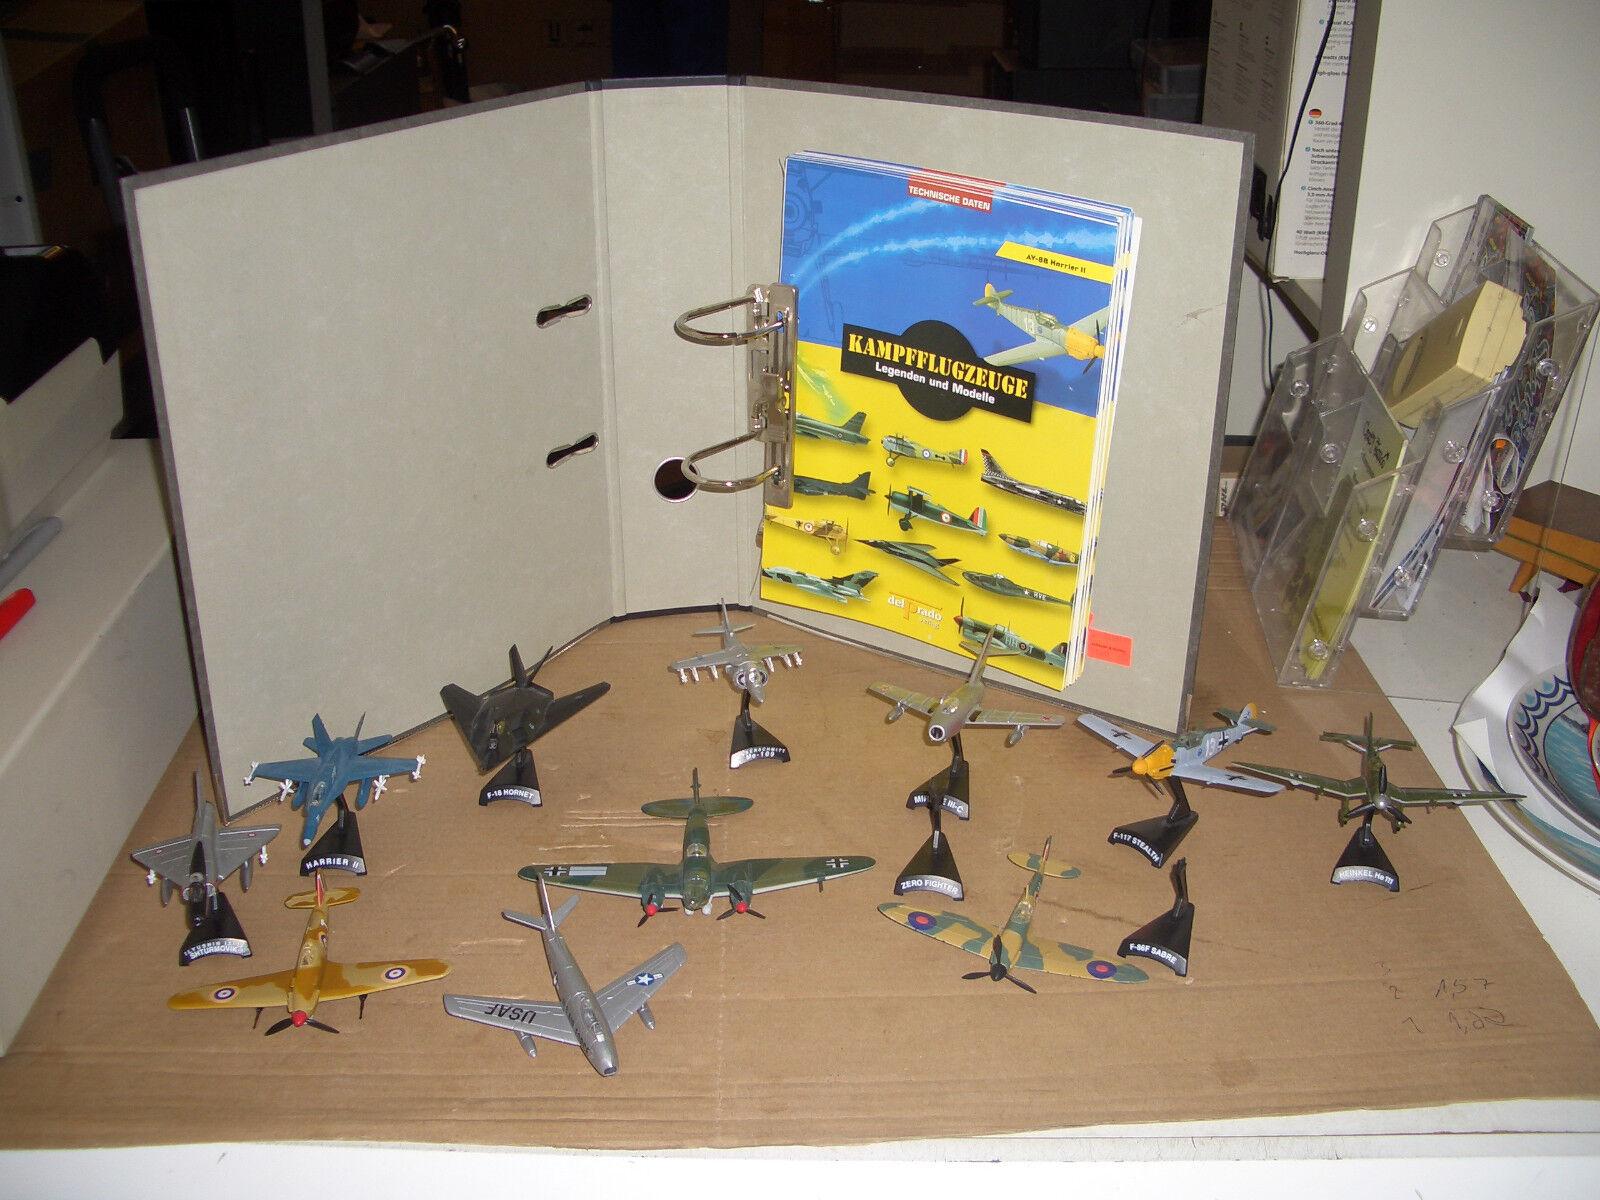 Delprado Kampfflugzeuge Legenden und Modelle 11 Flugzeuge    Treten Sie ein in die Welt der Spielzeuge und finden Sie eine Quelle des Glücks